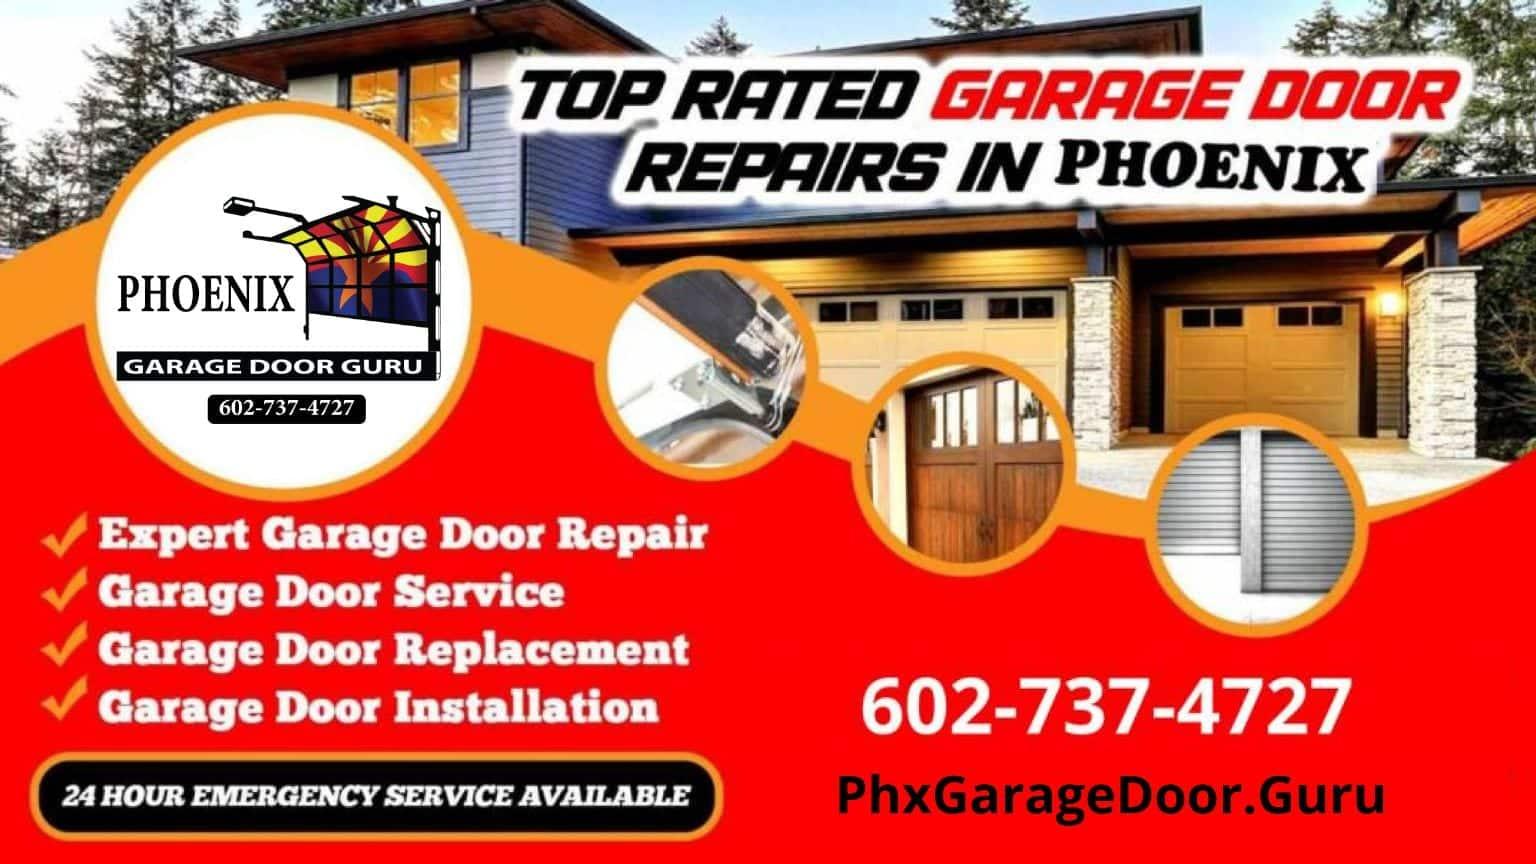 Expert Garage Door Repair Phoenix